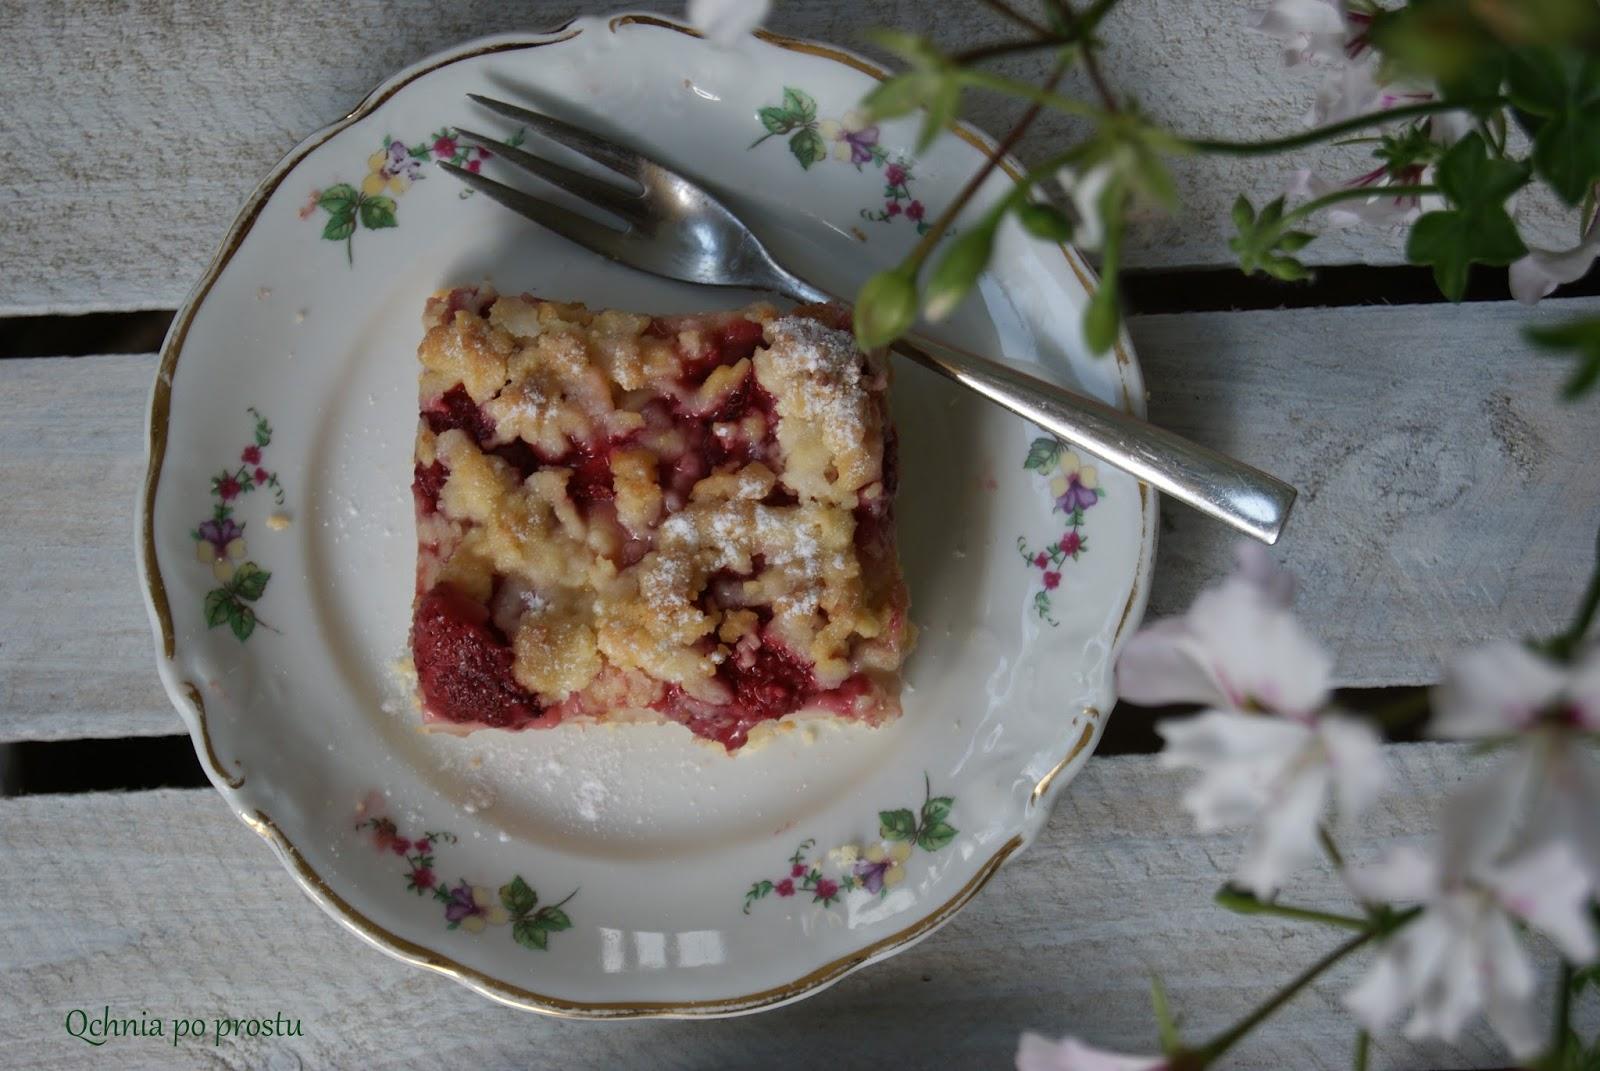 Qchnia po prostu Kruche ciasto z budyniem i truskawkami -> Qchnia U Orzecha